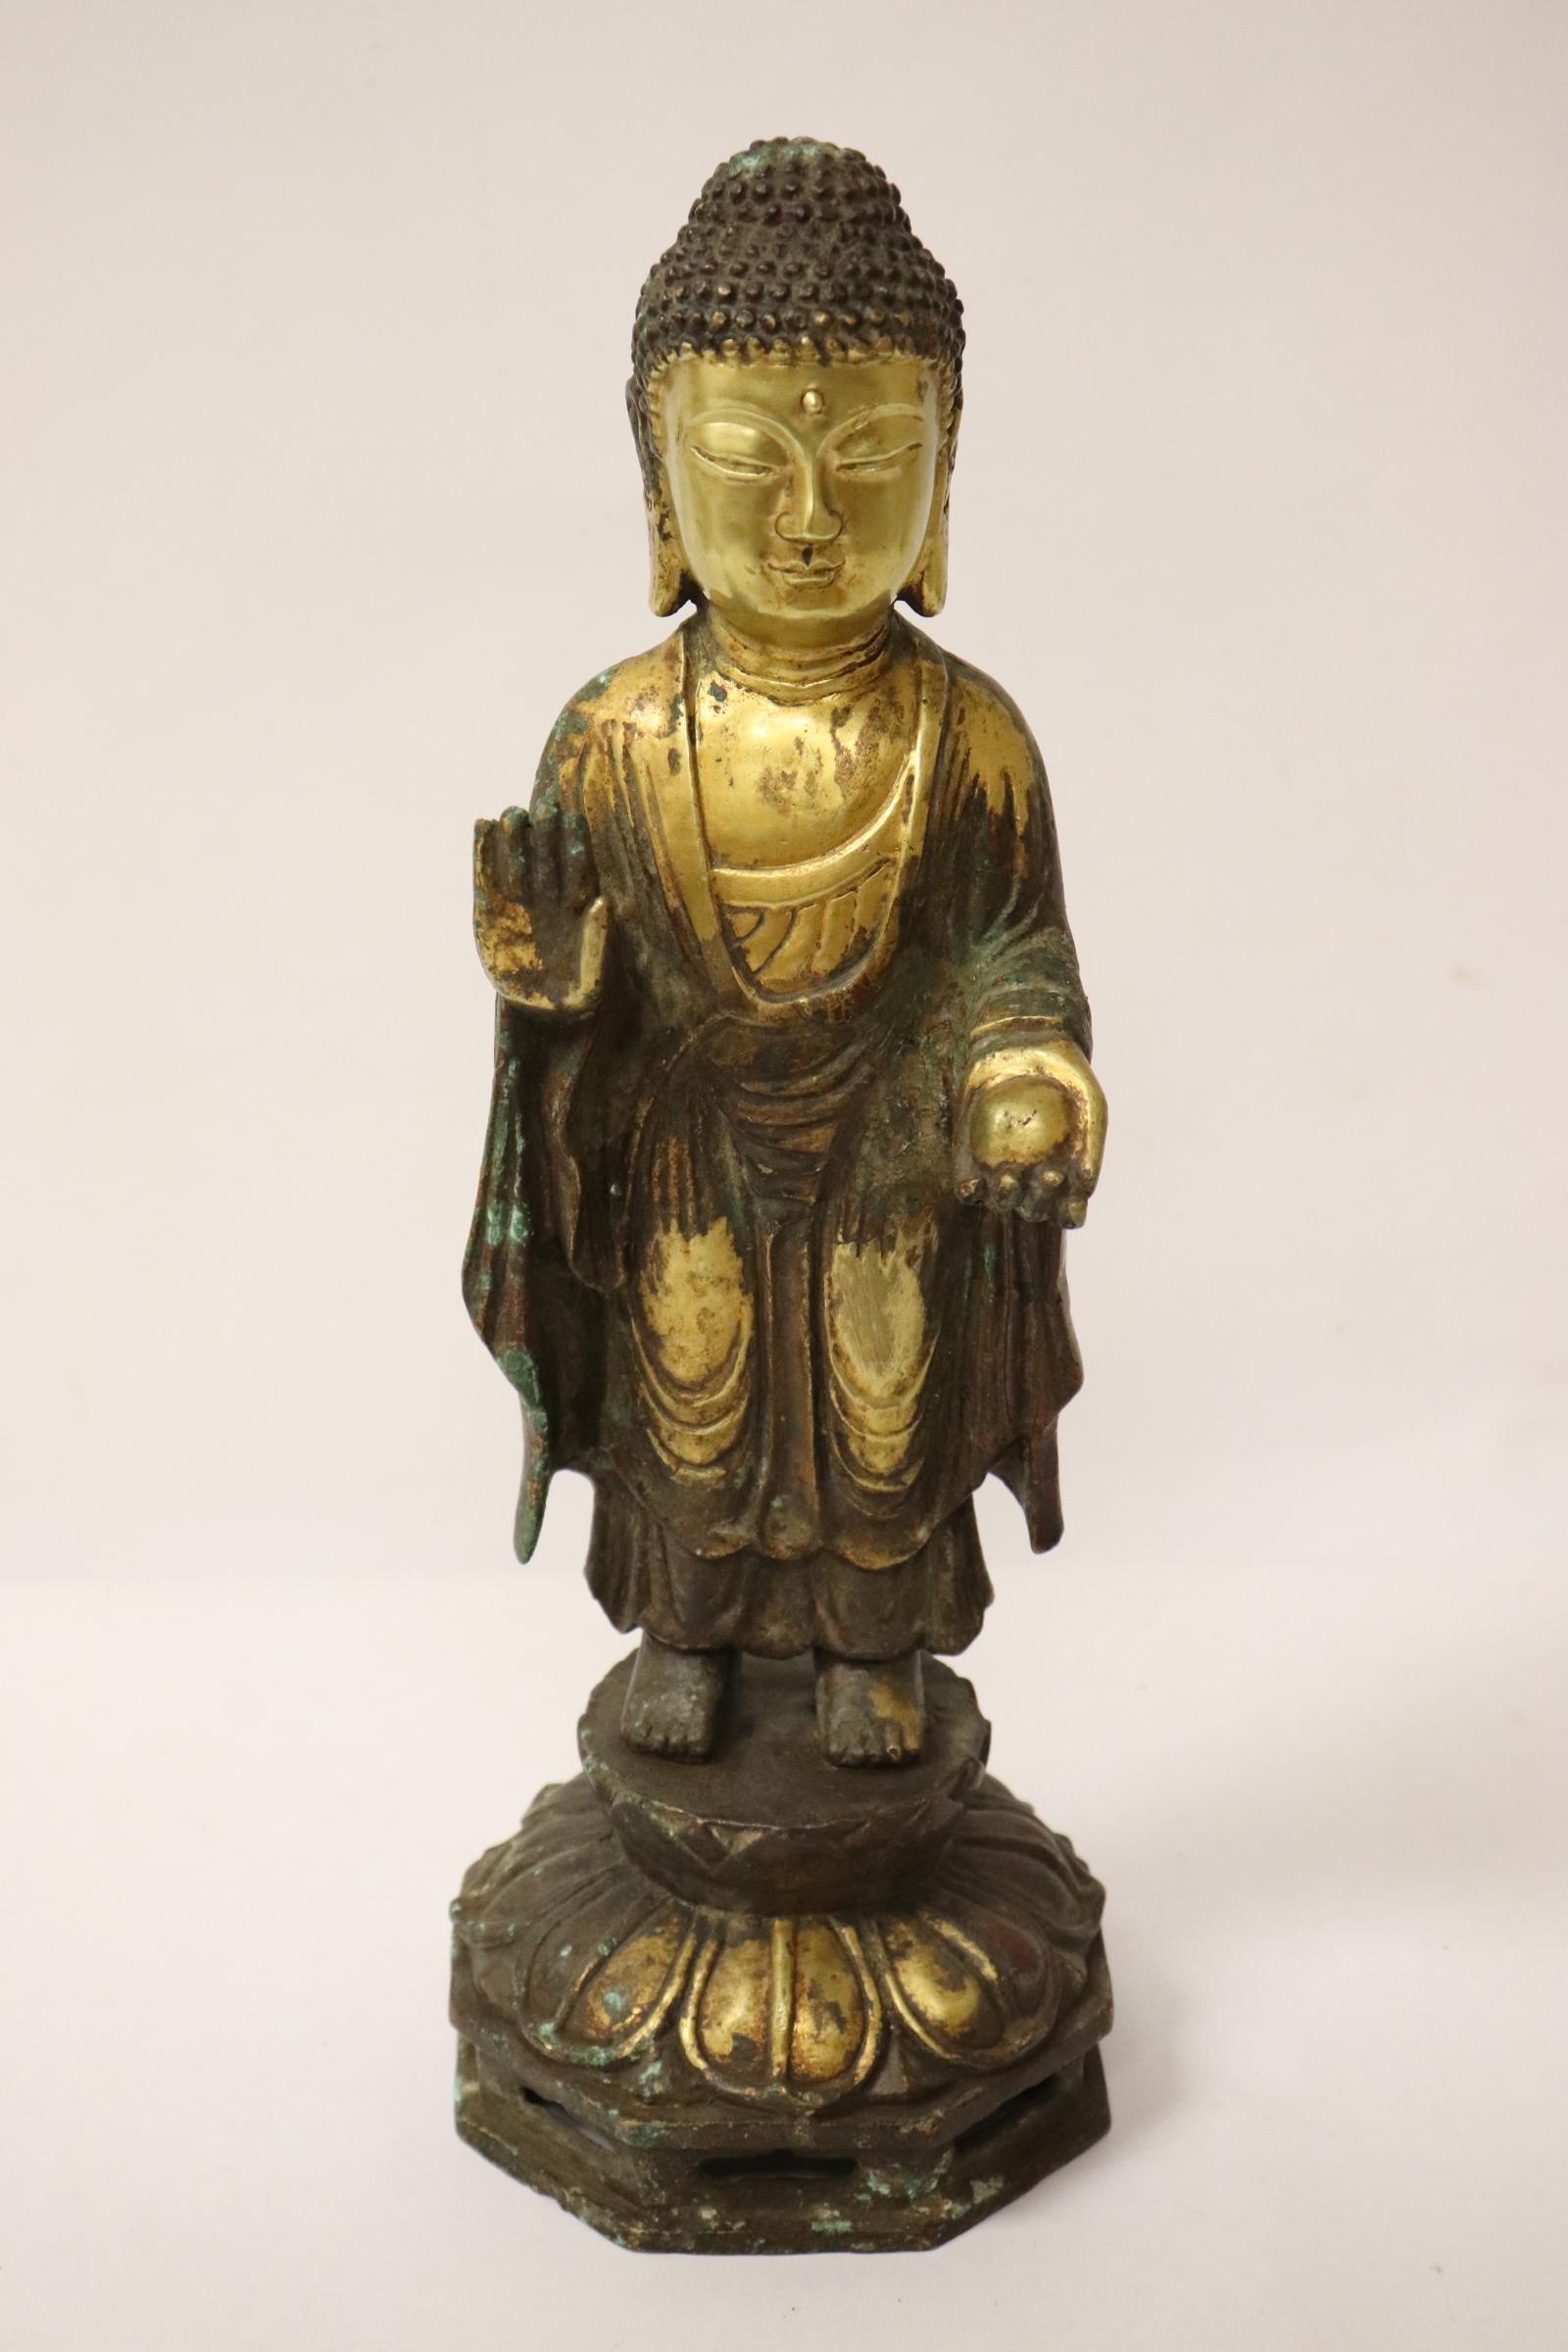 A fine Chinese vintage gilt bronze deity